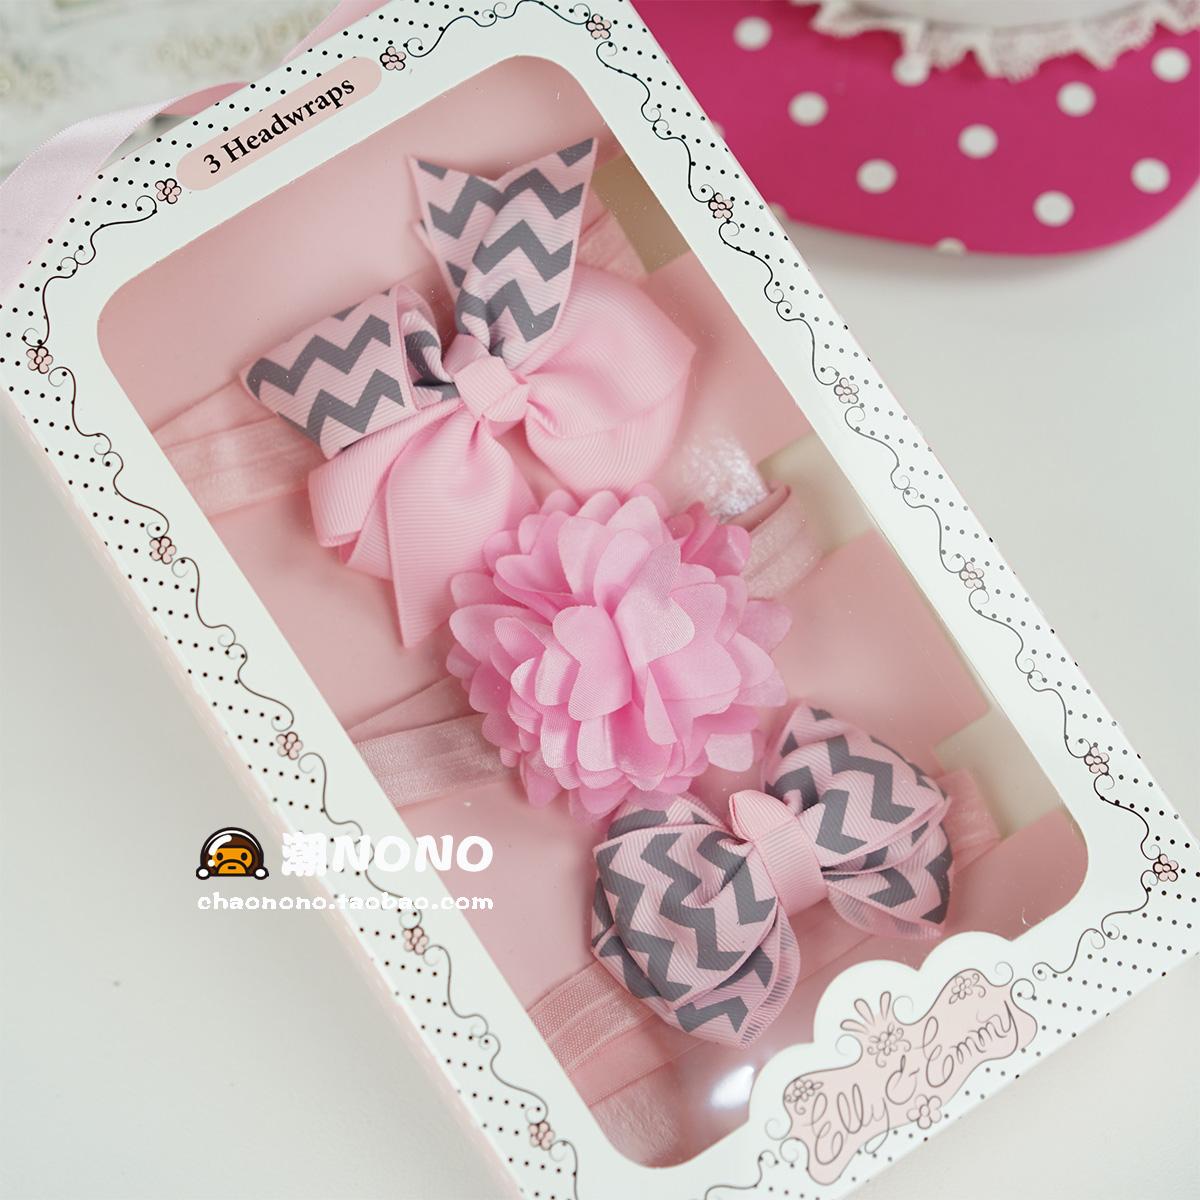 Цвет: Серый бант розовый подарочной коробке